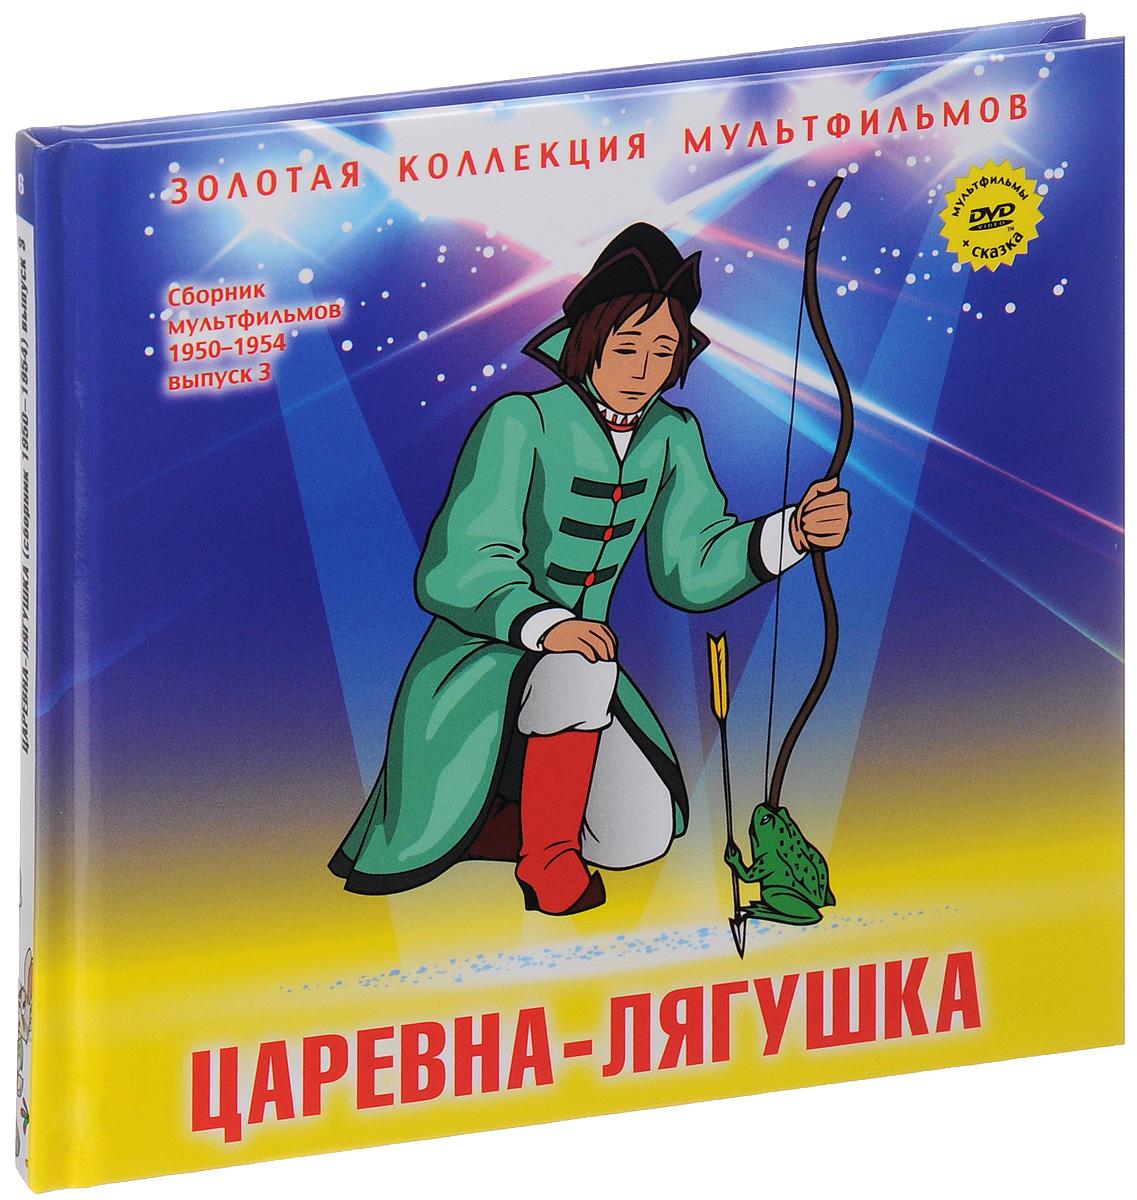 Сборник мультфильмов 1950-1954: Выпуск 3: Царевна-лягушка